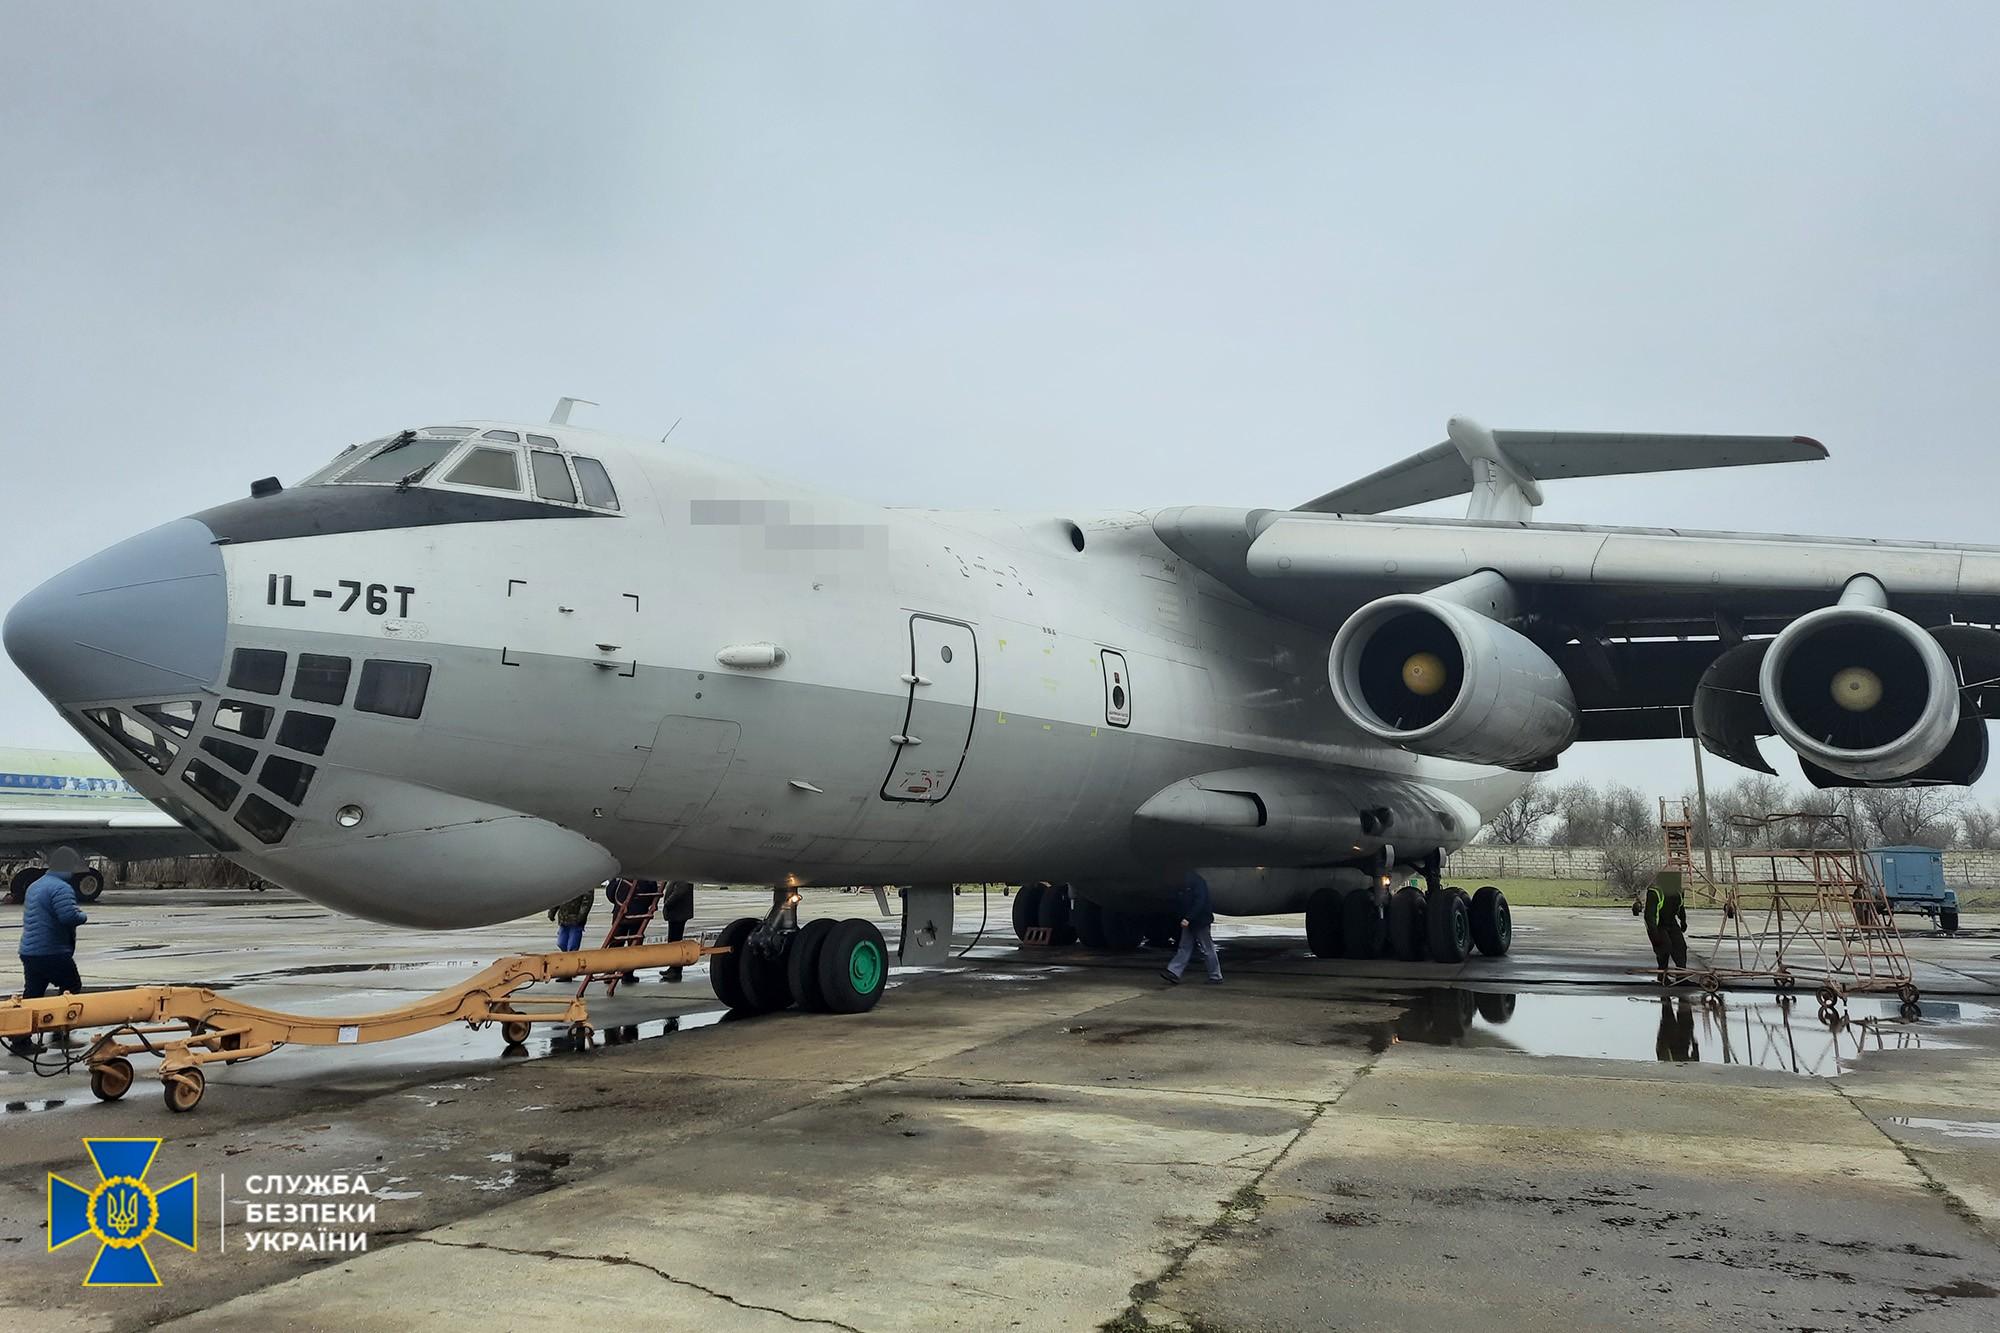 Продаж військової техніки – СБУ викрила схему в Миколаївській області